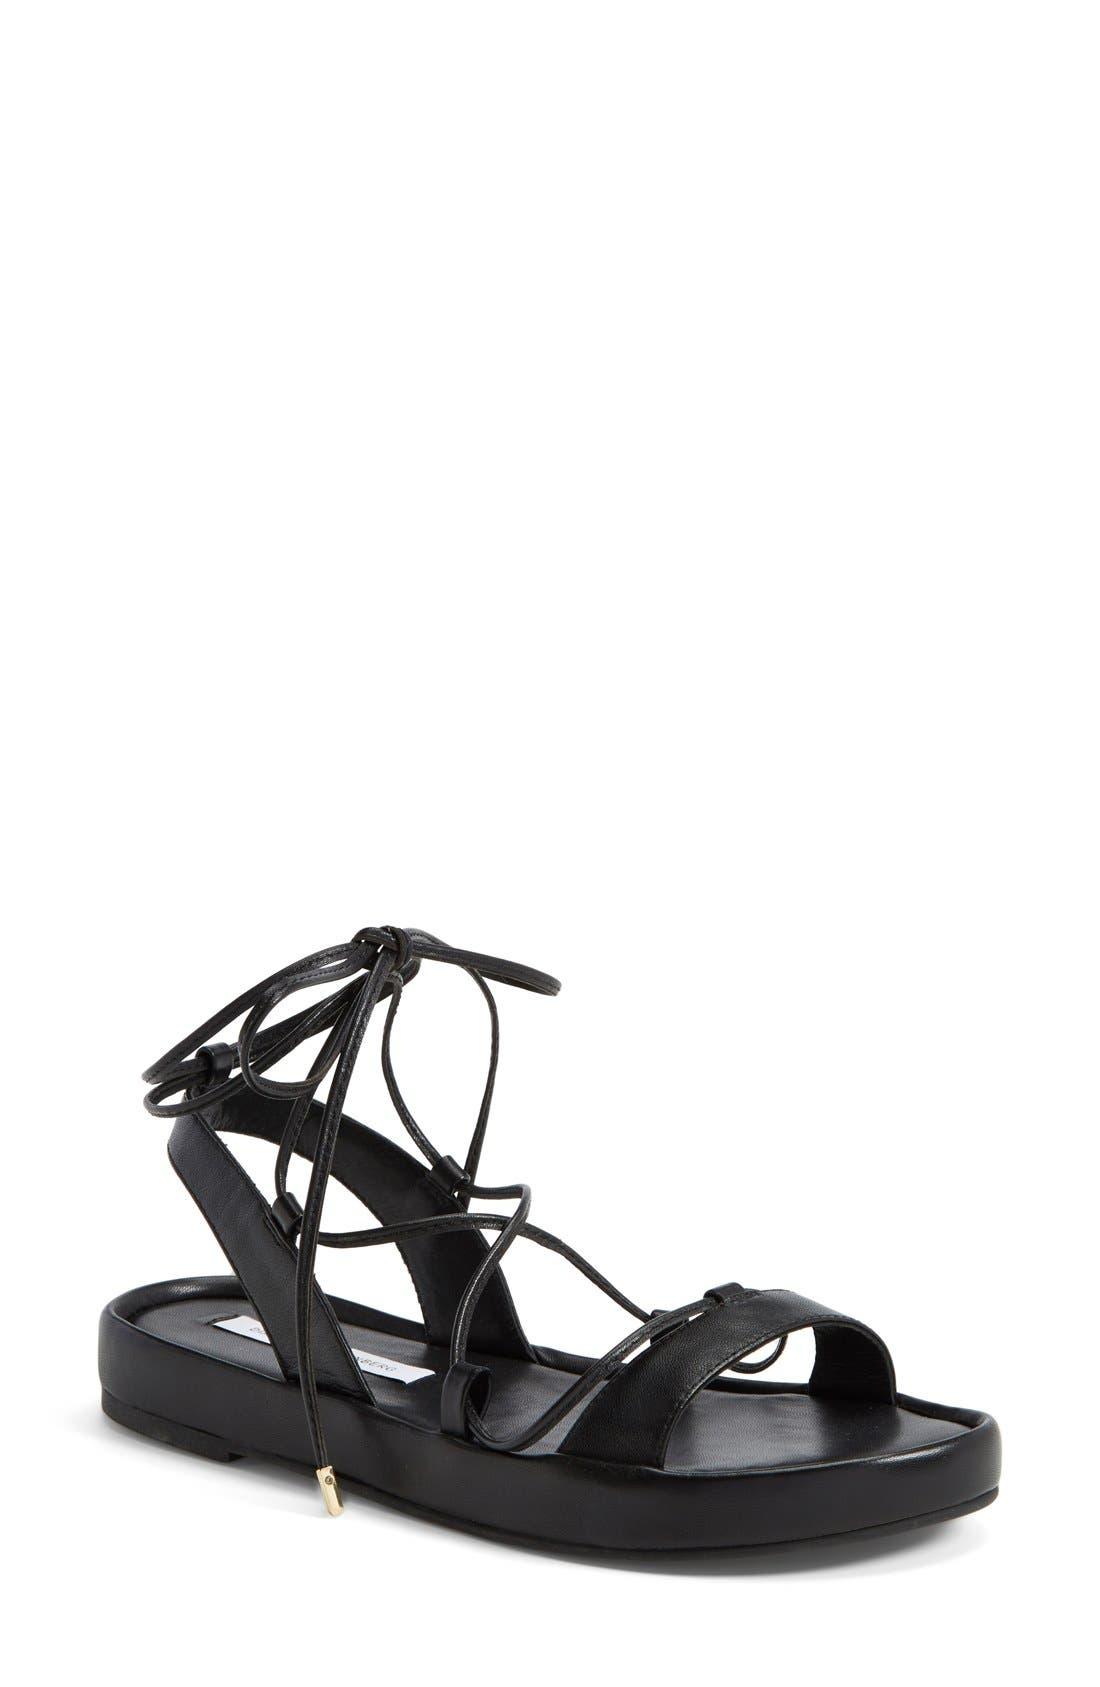 Main Image - Diane von Furstenberg 'Susie' Gladiator Sandal (Women)